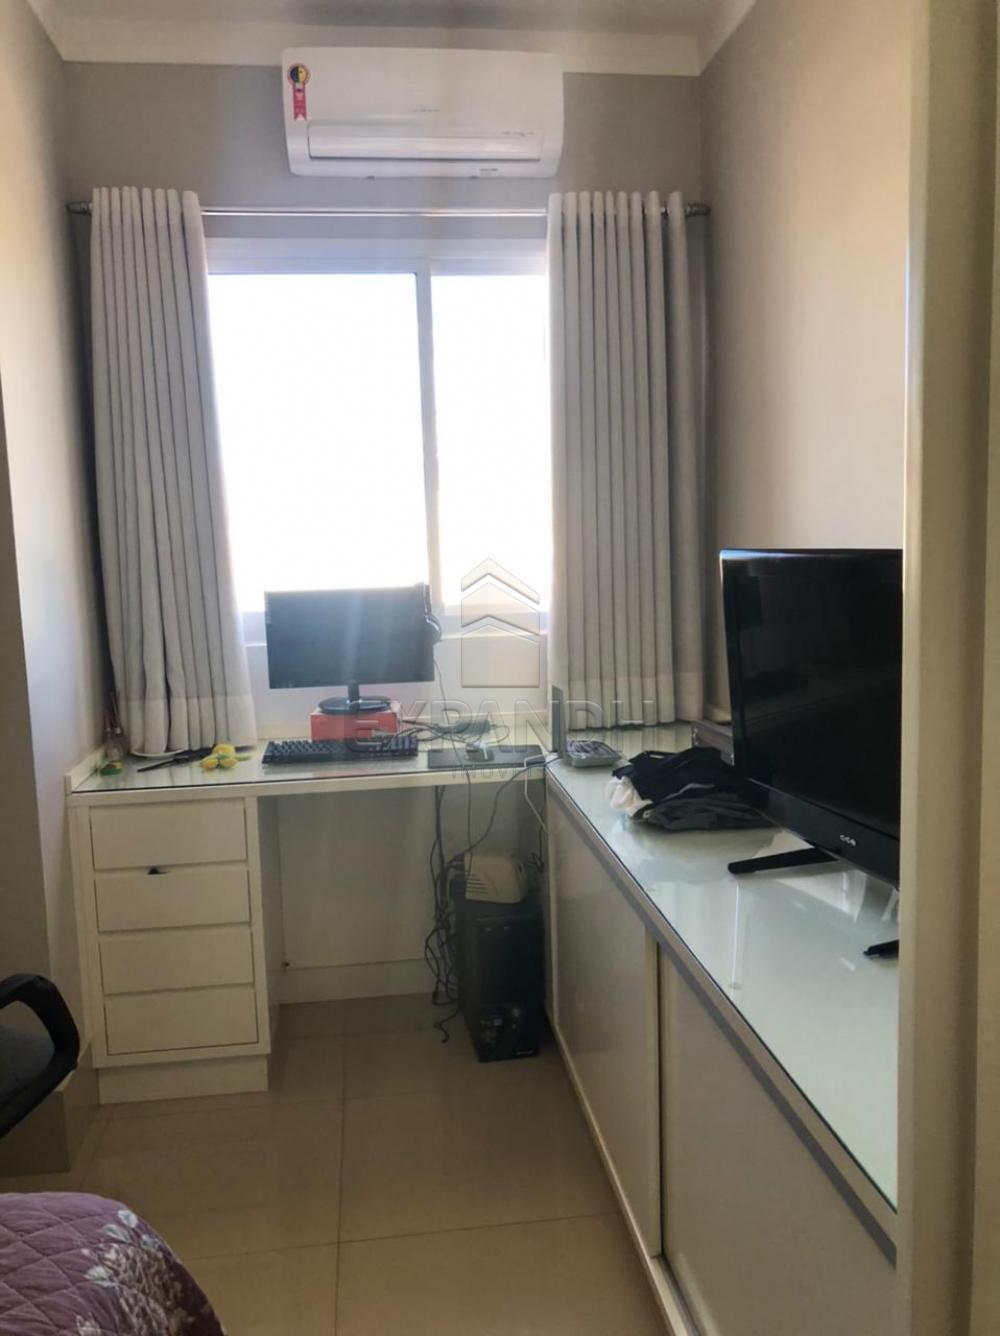 Comprar Casas / Condomínio em Sertãozinho R$ 530.000,00 - Foto 20